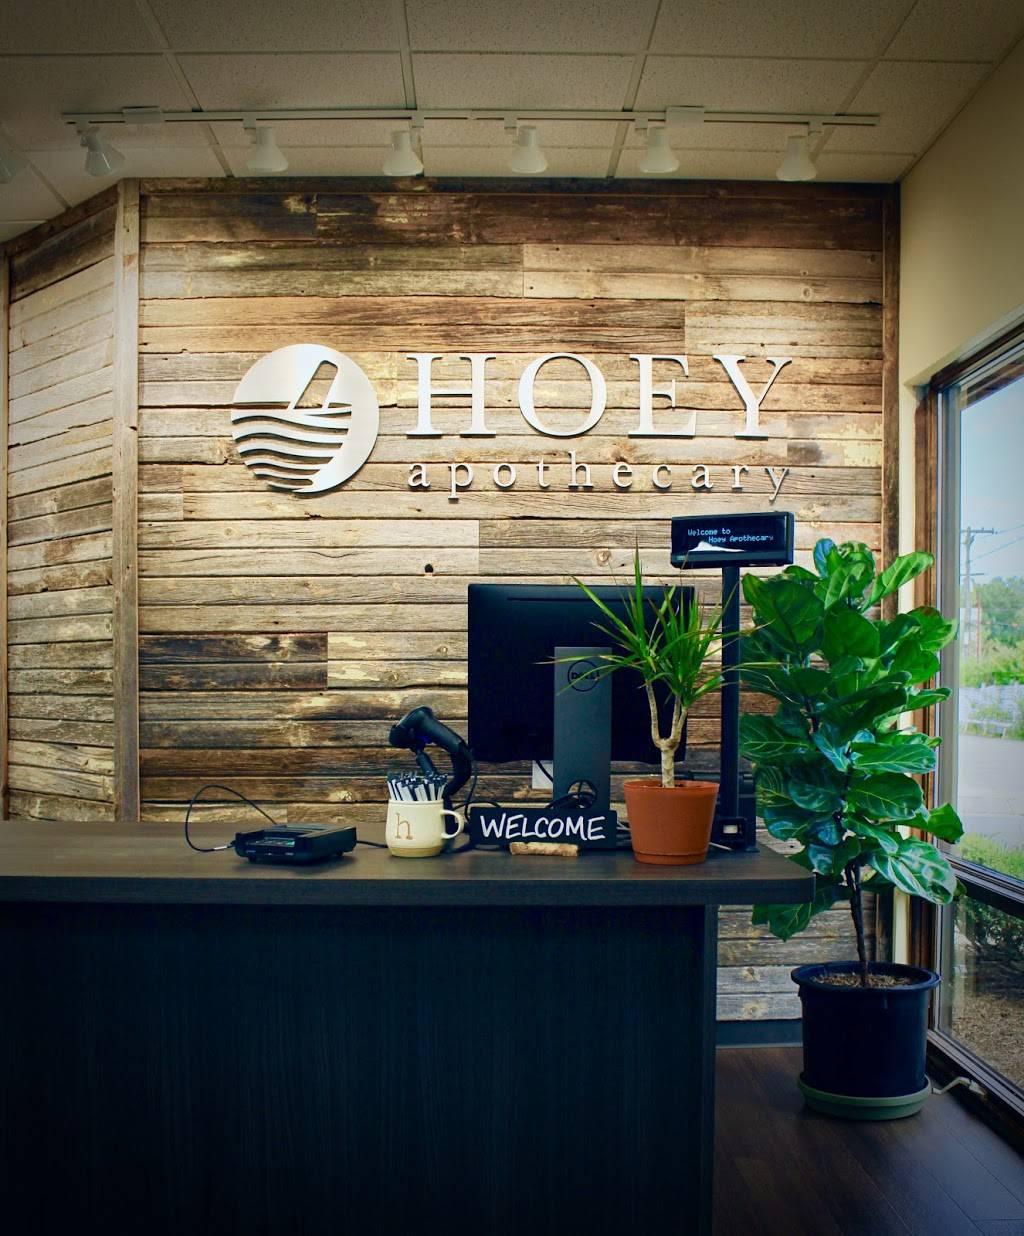 Hoey Apothecary - pharmacy  | Photo 7 of 7 | Address: 4002 Monona Dr, Madison, WI 53716, USA | Phone: (608) 221-4639